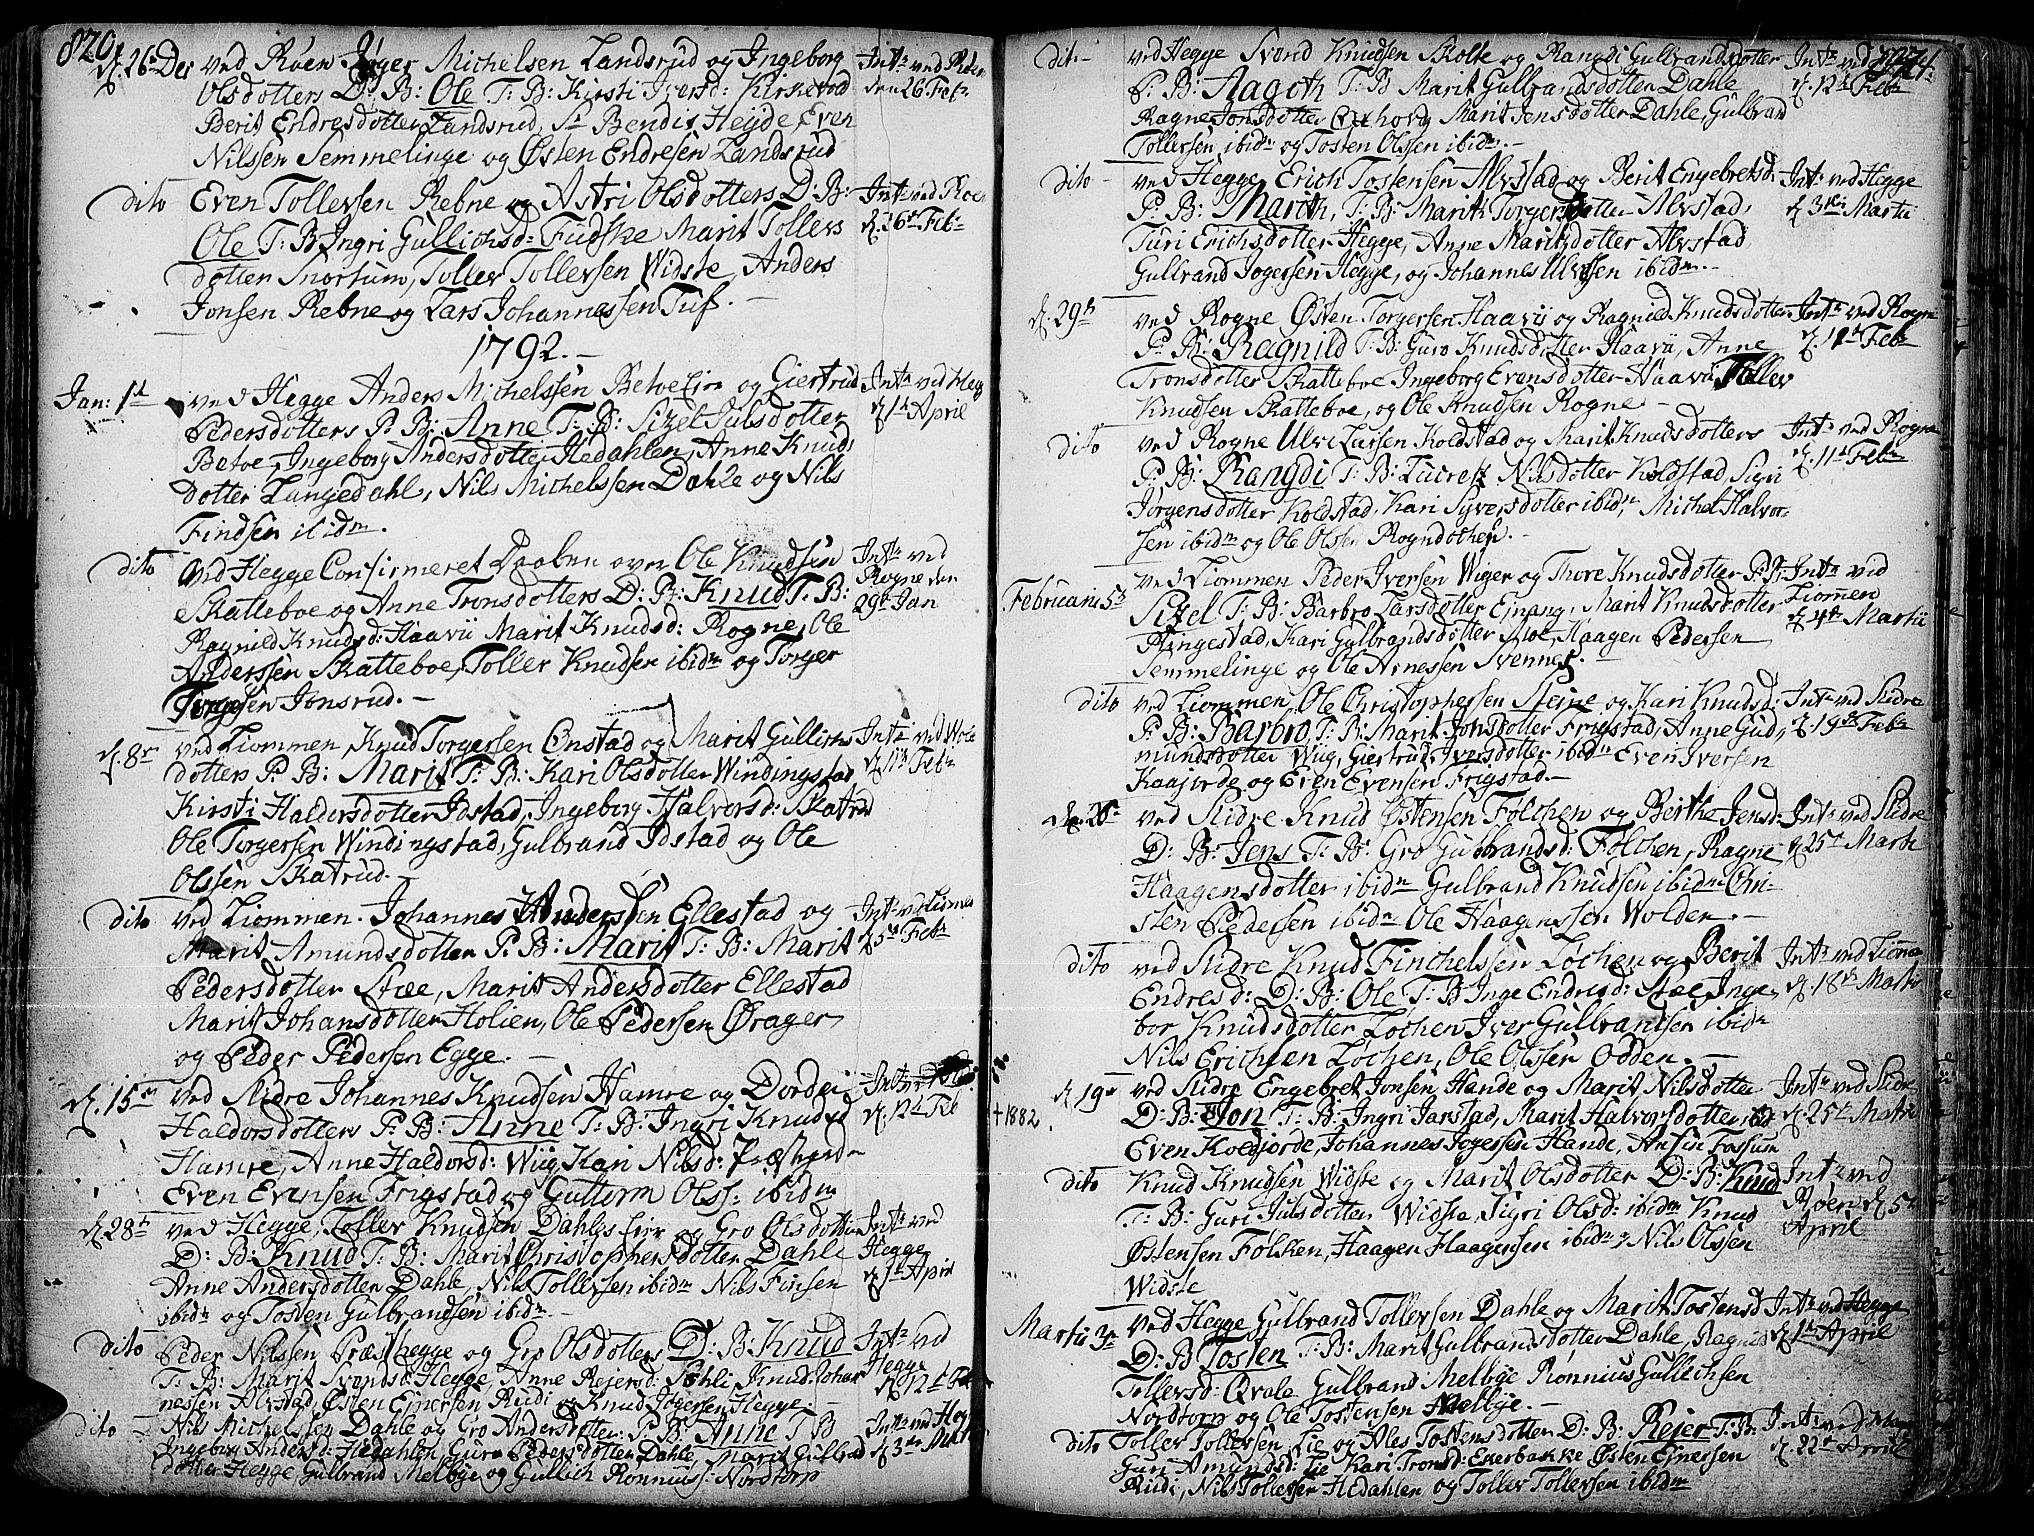 SAH, Slidre prestekontor, Ministerialbok nr. 1, 1724-1814, s. 820-821